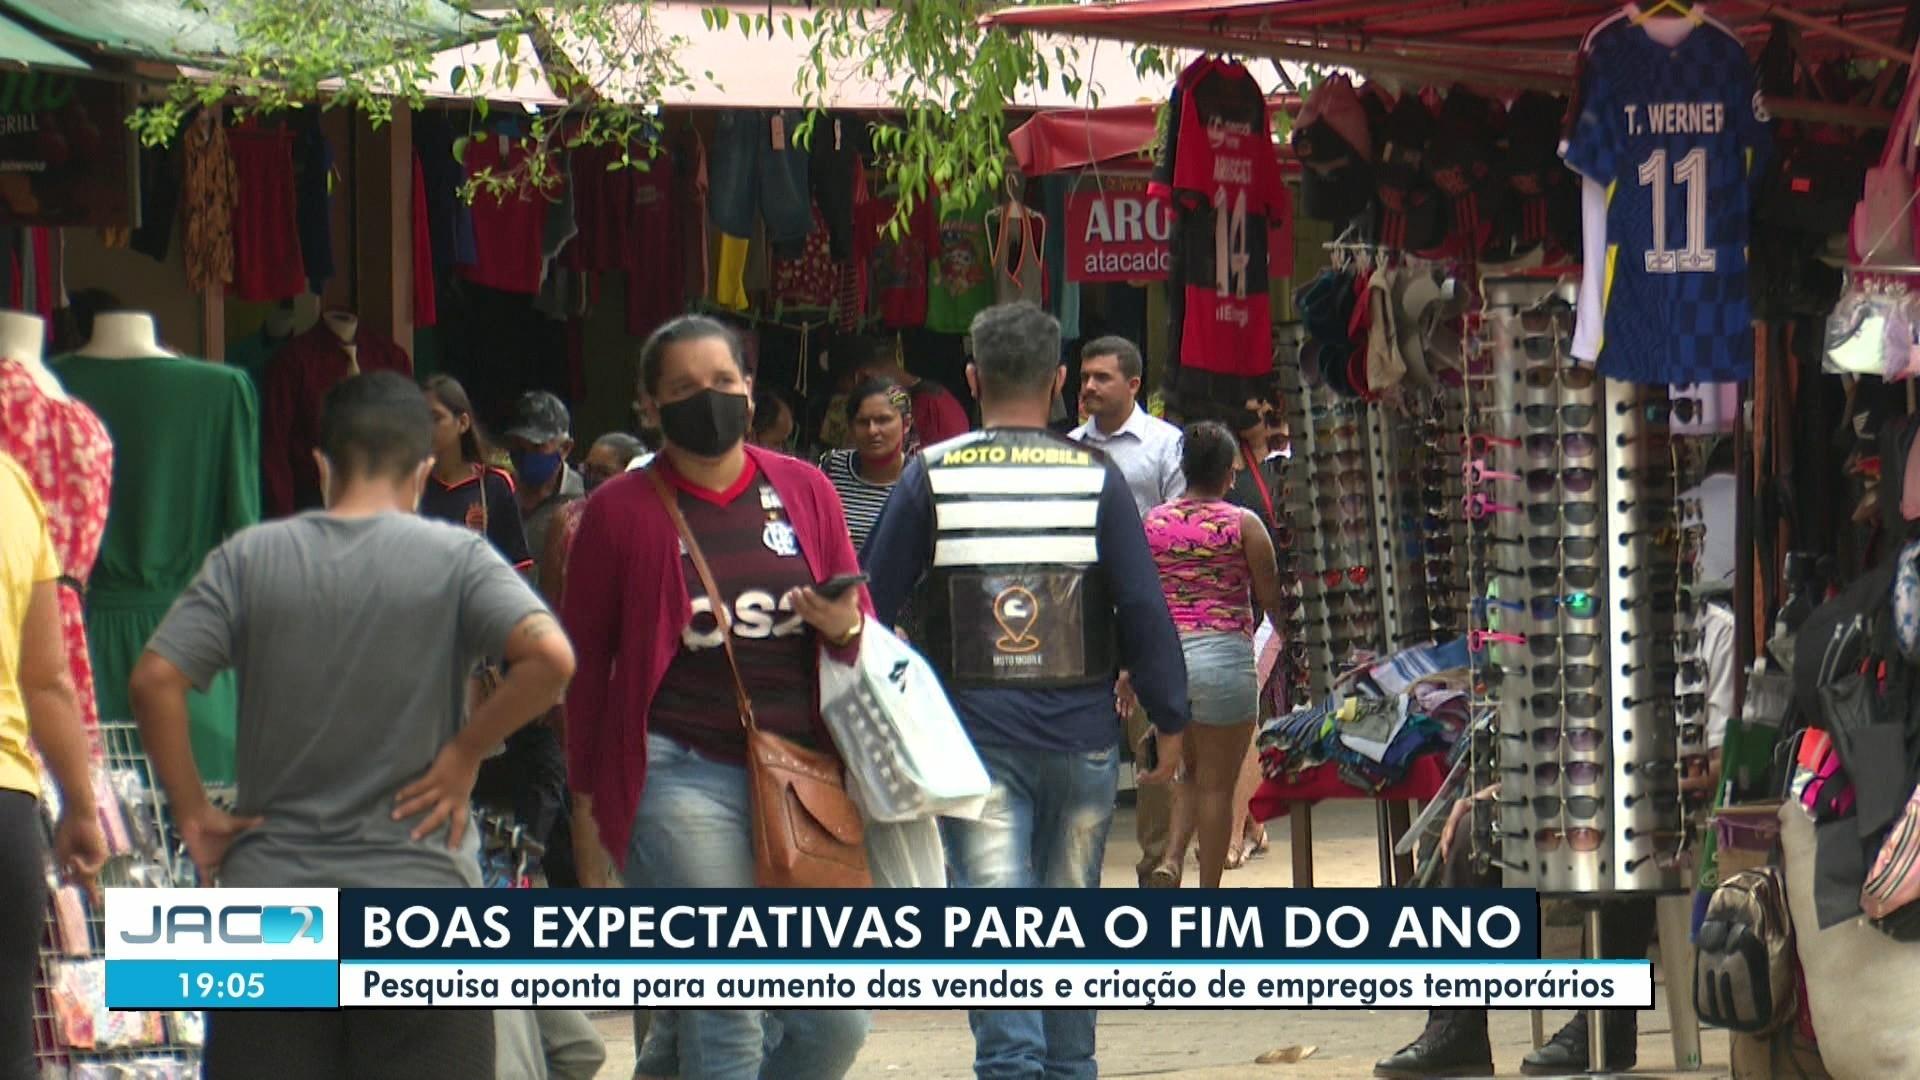 VÍDEOS: Jornal do Acre 2ª edição - AC de quarta-feira, 28 de outubro